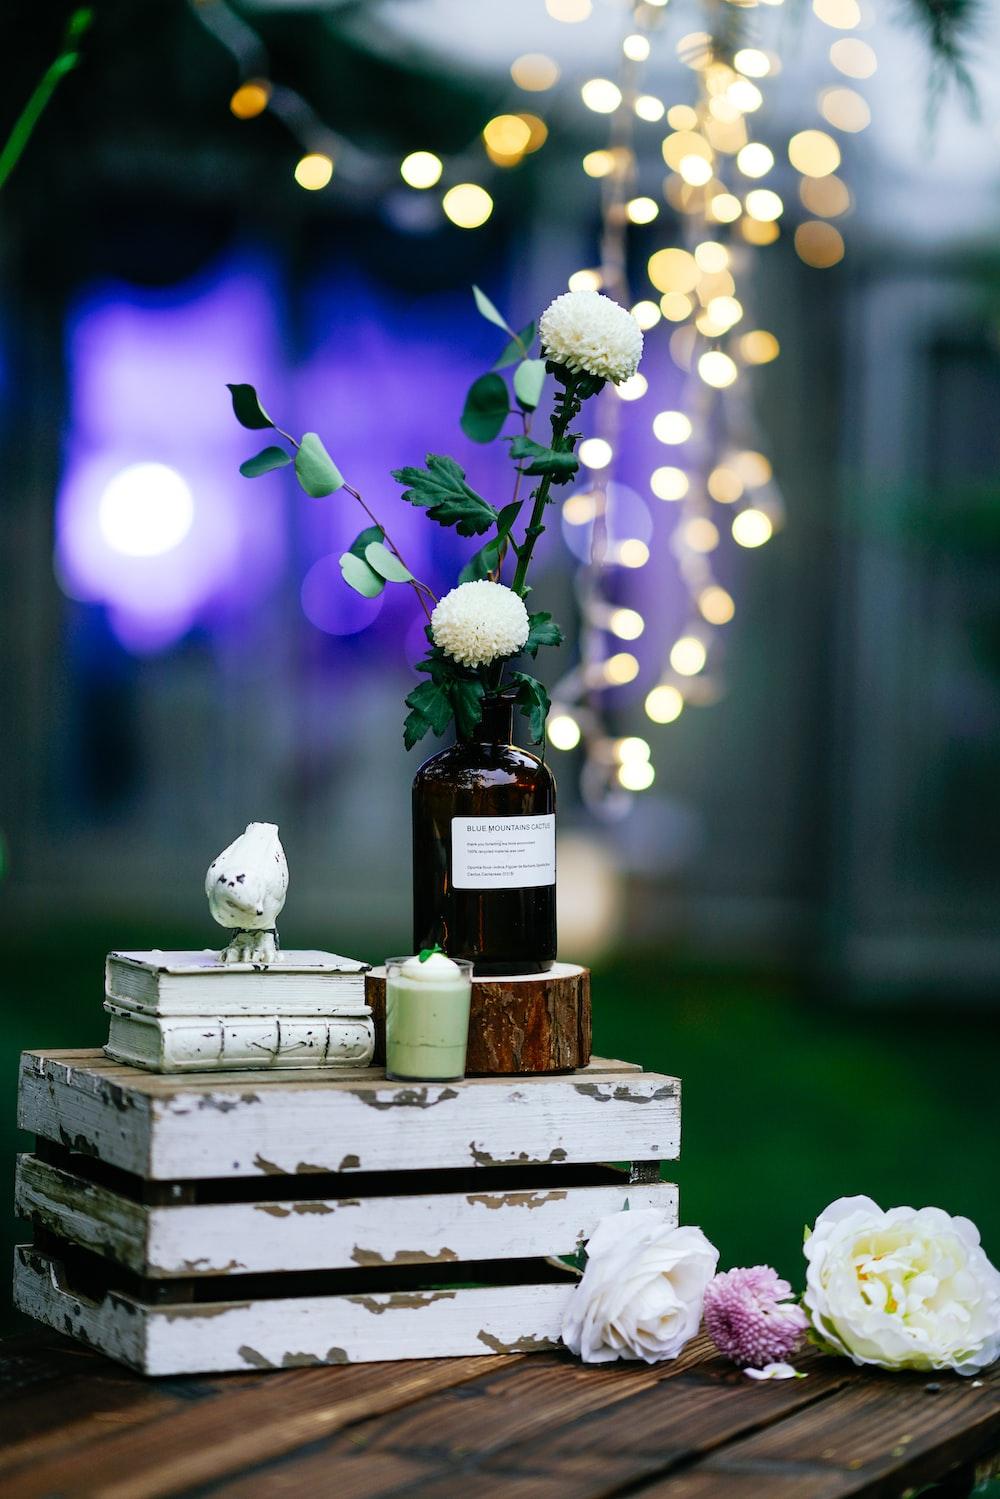 white petaled flower on box